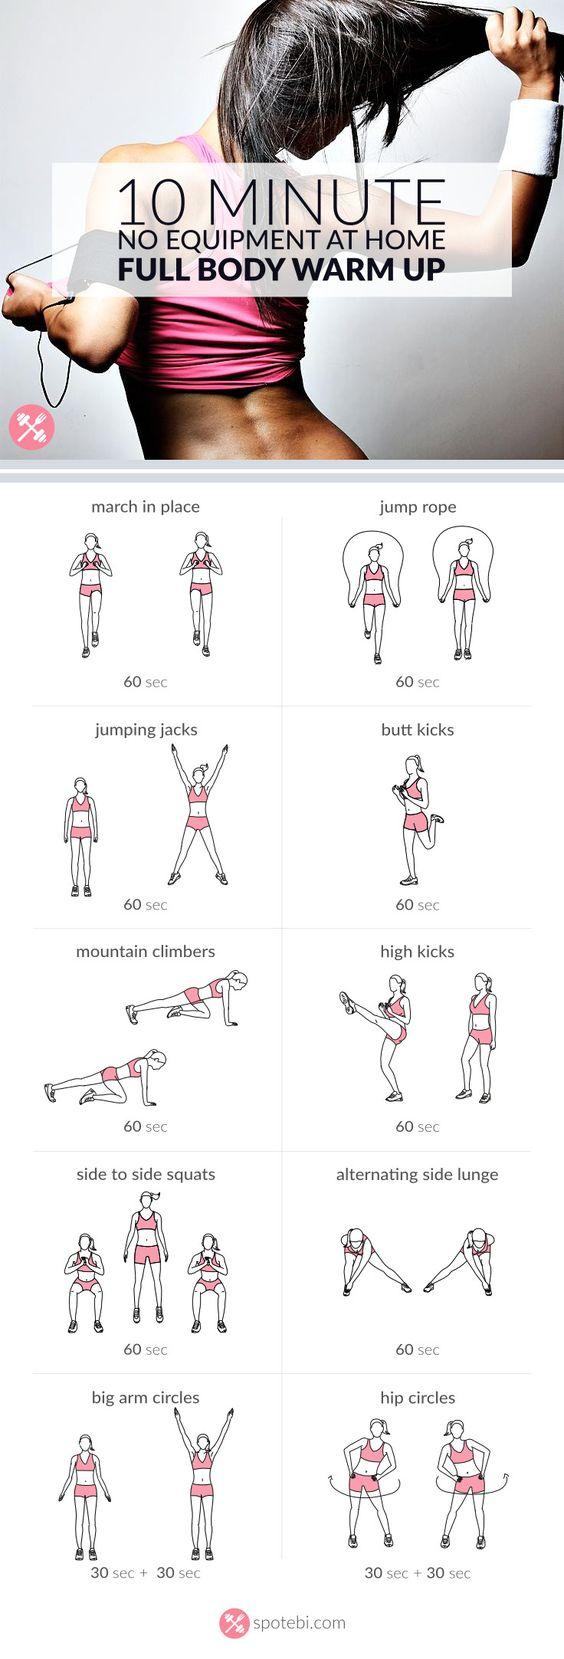 Remplissez ces 10 minutes d'échauffement de routine pour préparer votre corps tout entier pour une séance d'entraînement.  Réchauffez vos muscles et articulations, augmenter votre rythme cardiaque et de brûler la graisse du corps avec ces exercices d'aérobie.  http://www.spotebi.com/workout-routines/10-minute-no-equipment-full-body-warm-up/